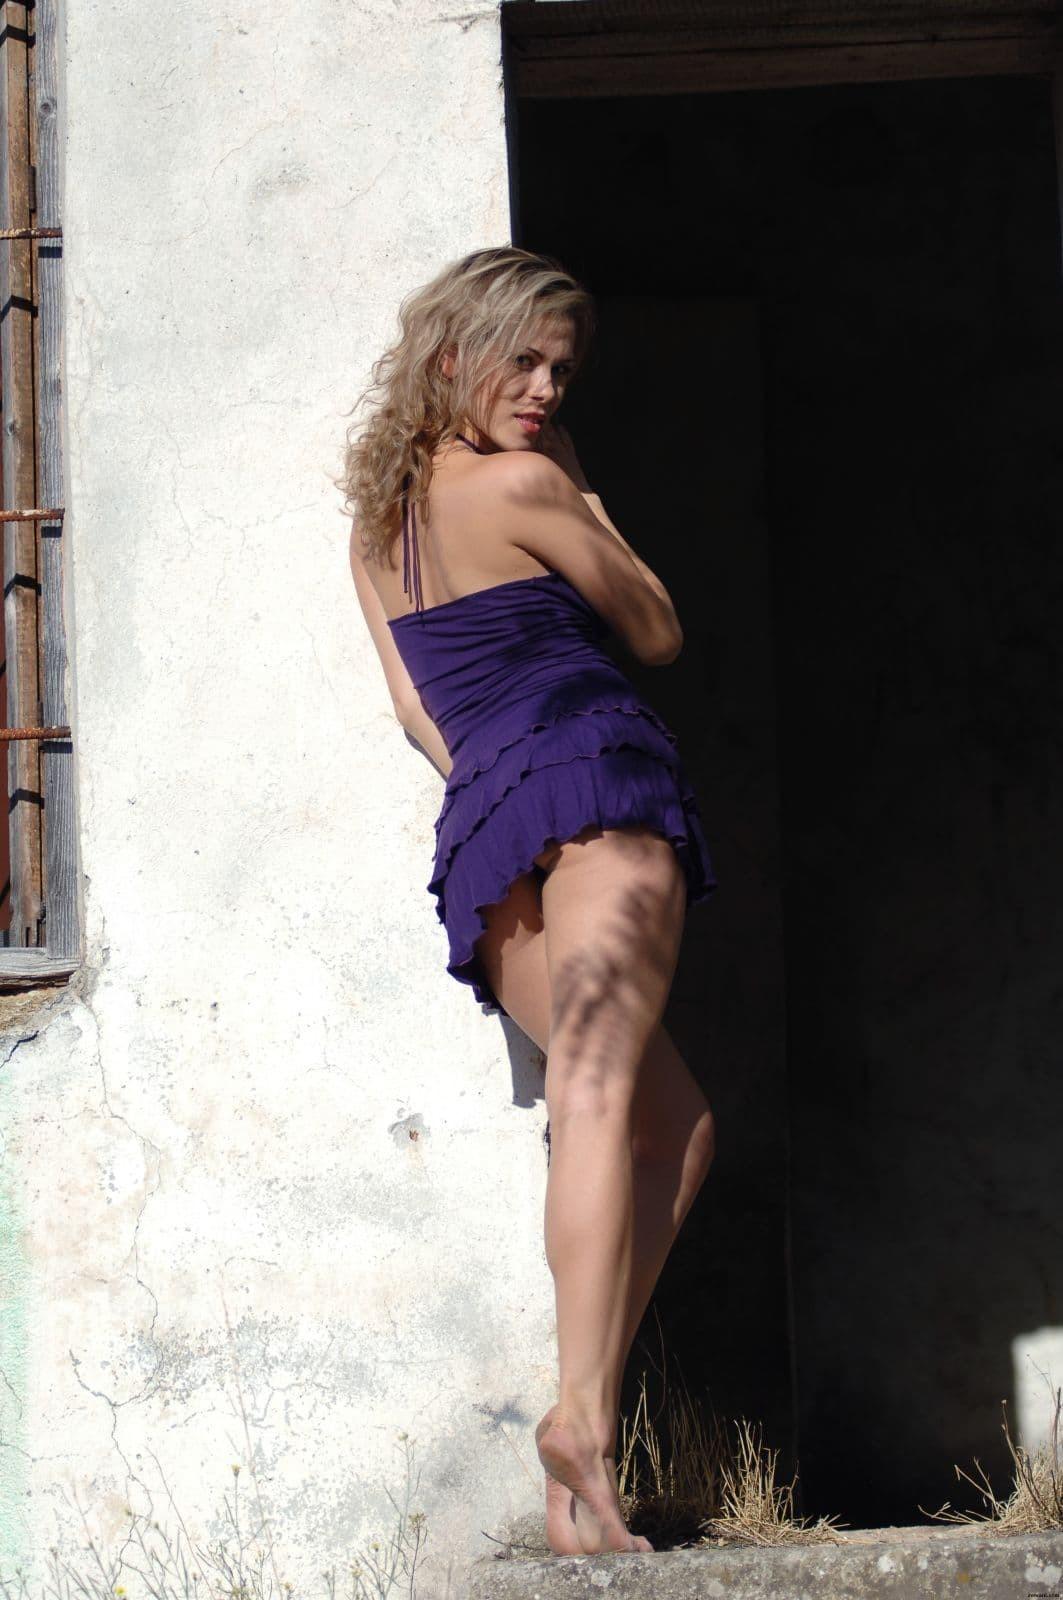 Девушка в коротком платье на крыльце - фото